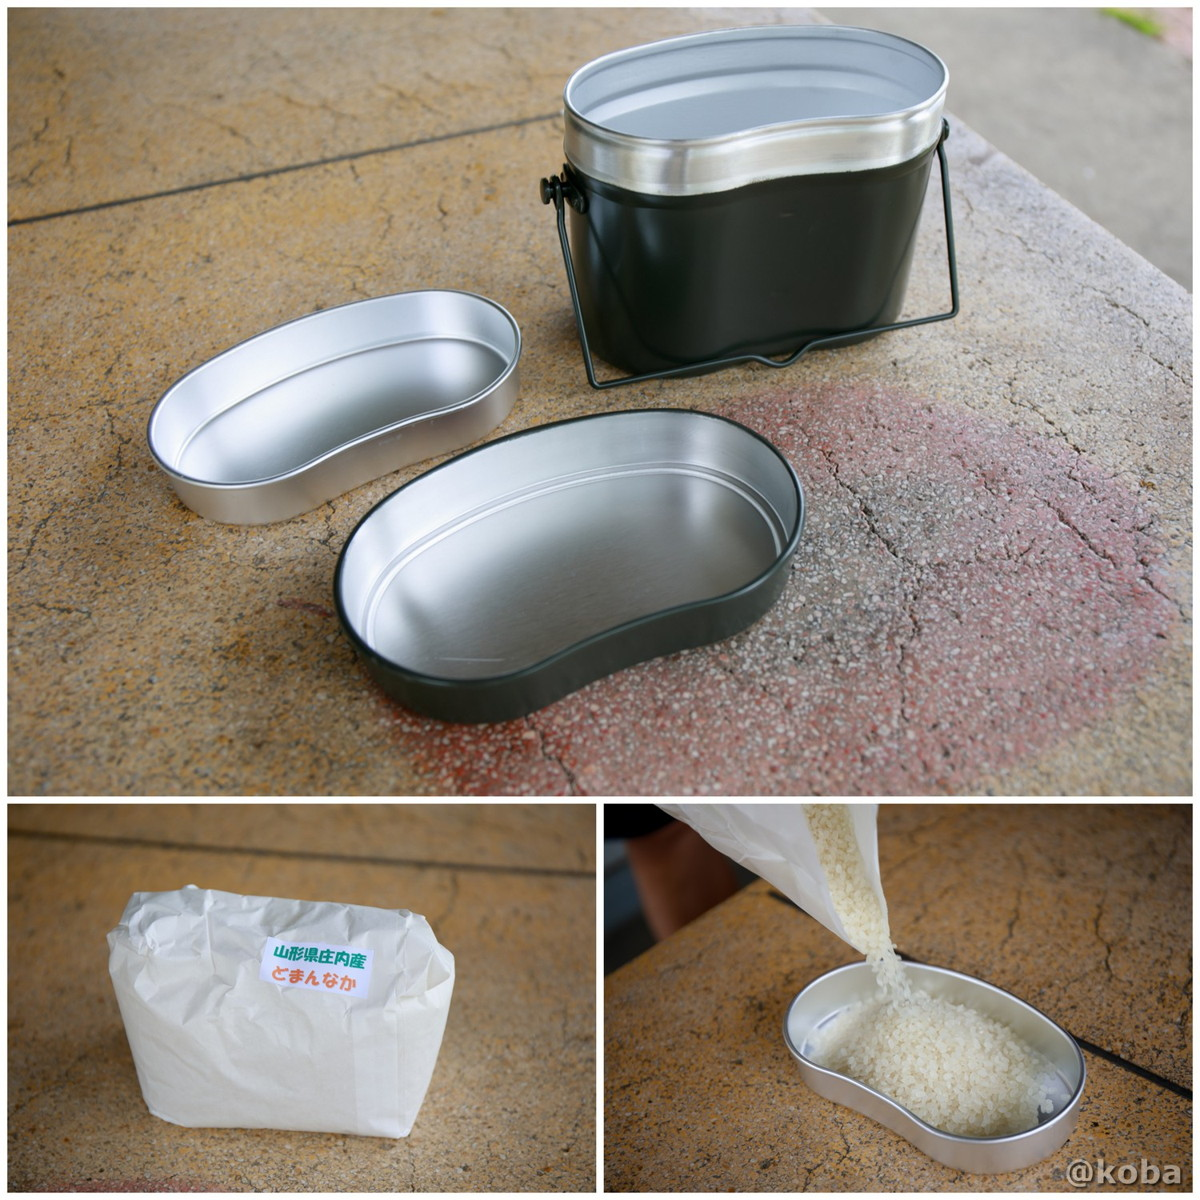 兵式飯盒 お米を炊きます 「どまんなか」〈山形県産〉 若洲公園キャンプ場 江東区 東京バーベキュー